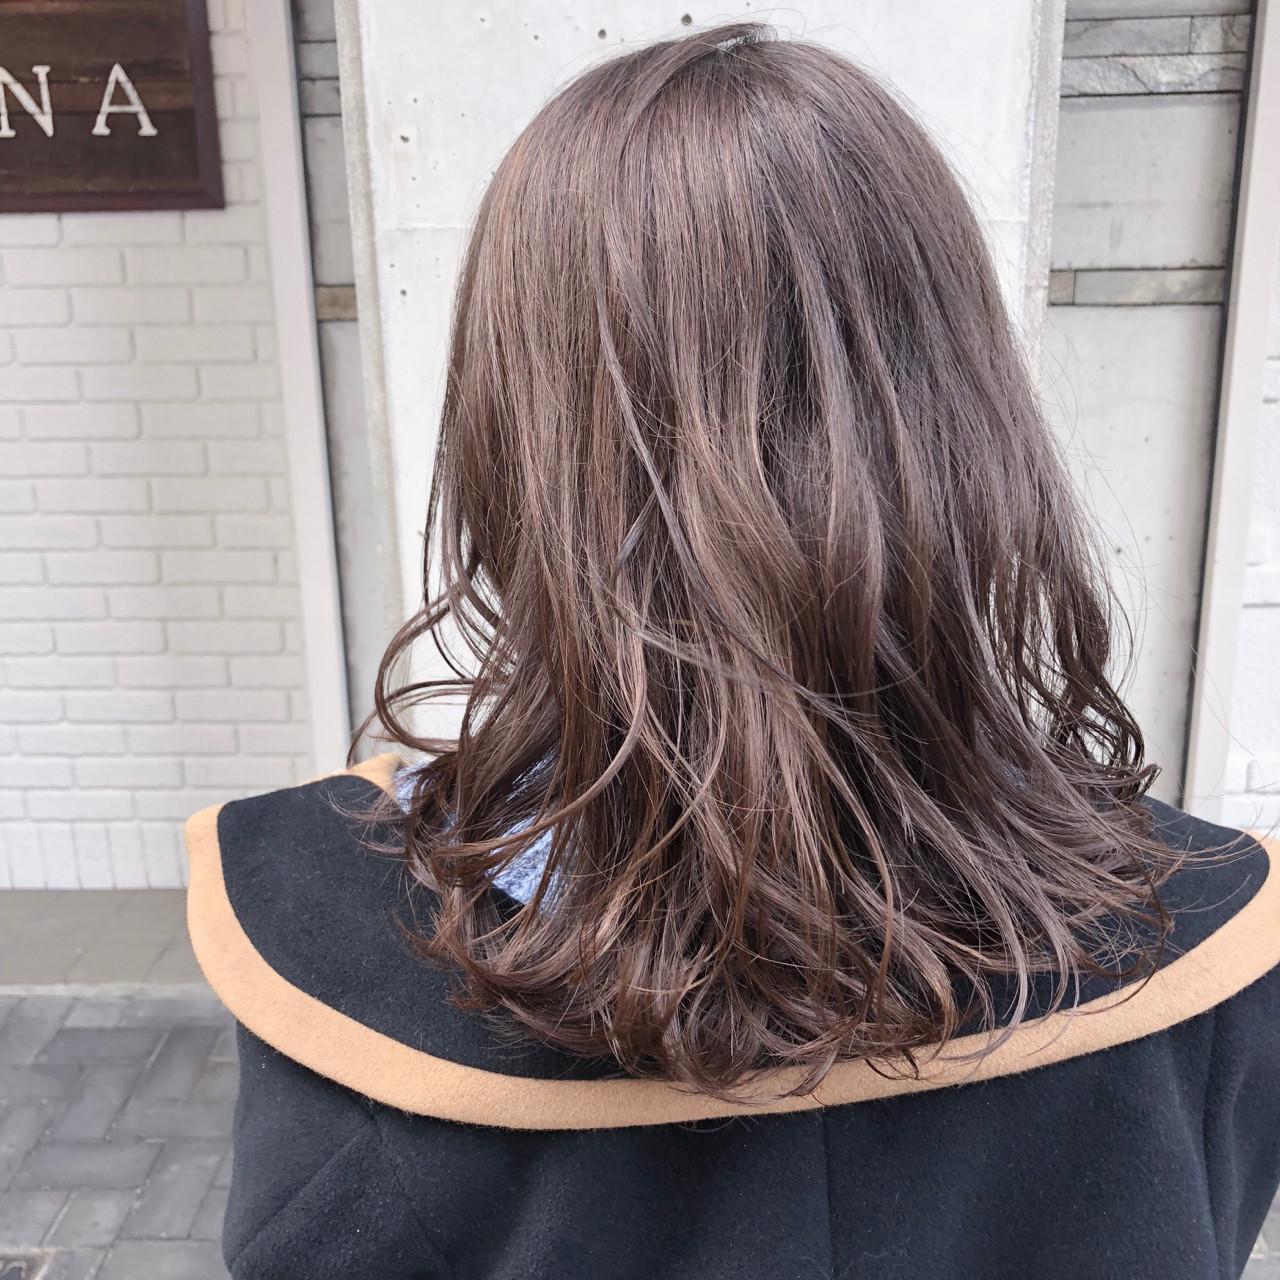 ナチュラル ロング 外国人風カラー デート ヘアスタイルや髪型の写真・画像